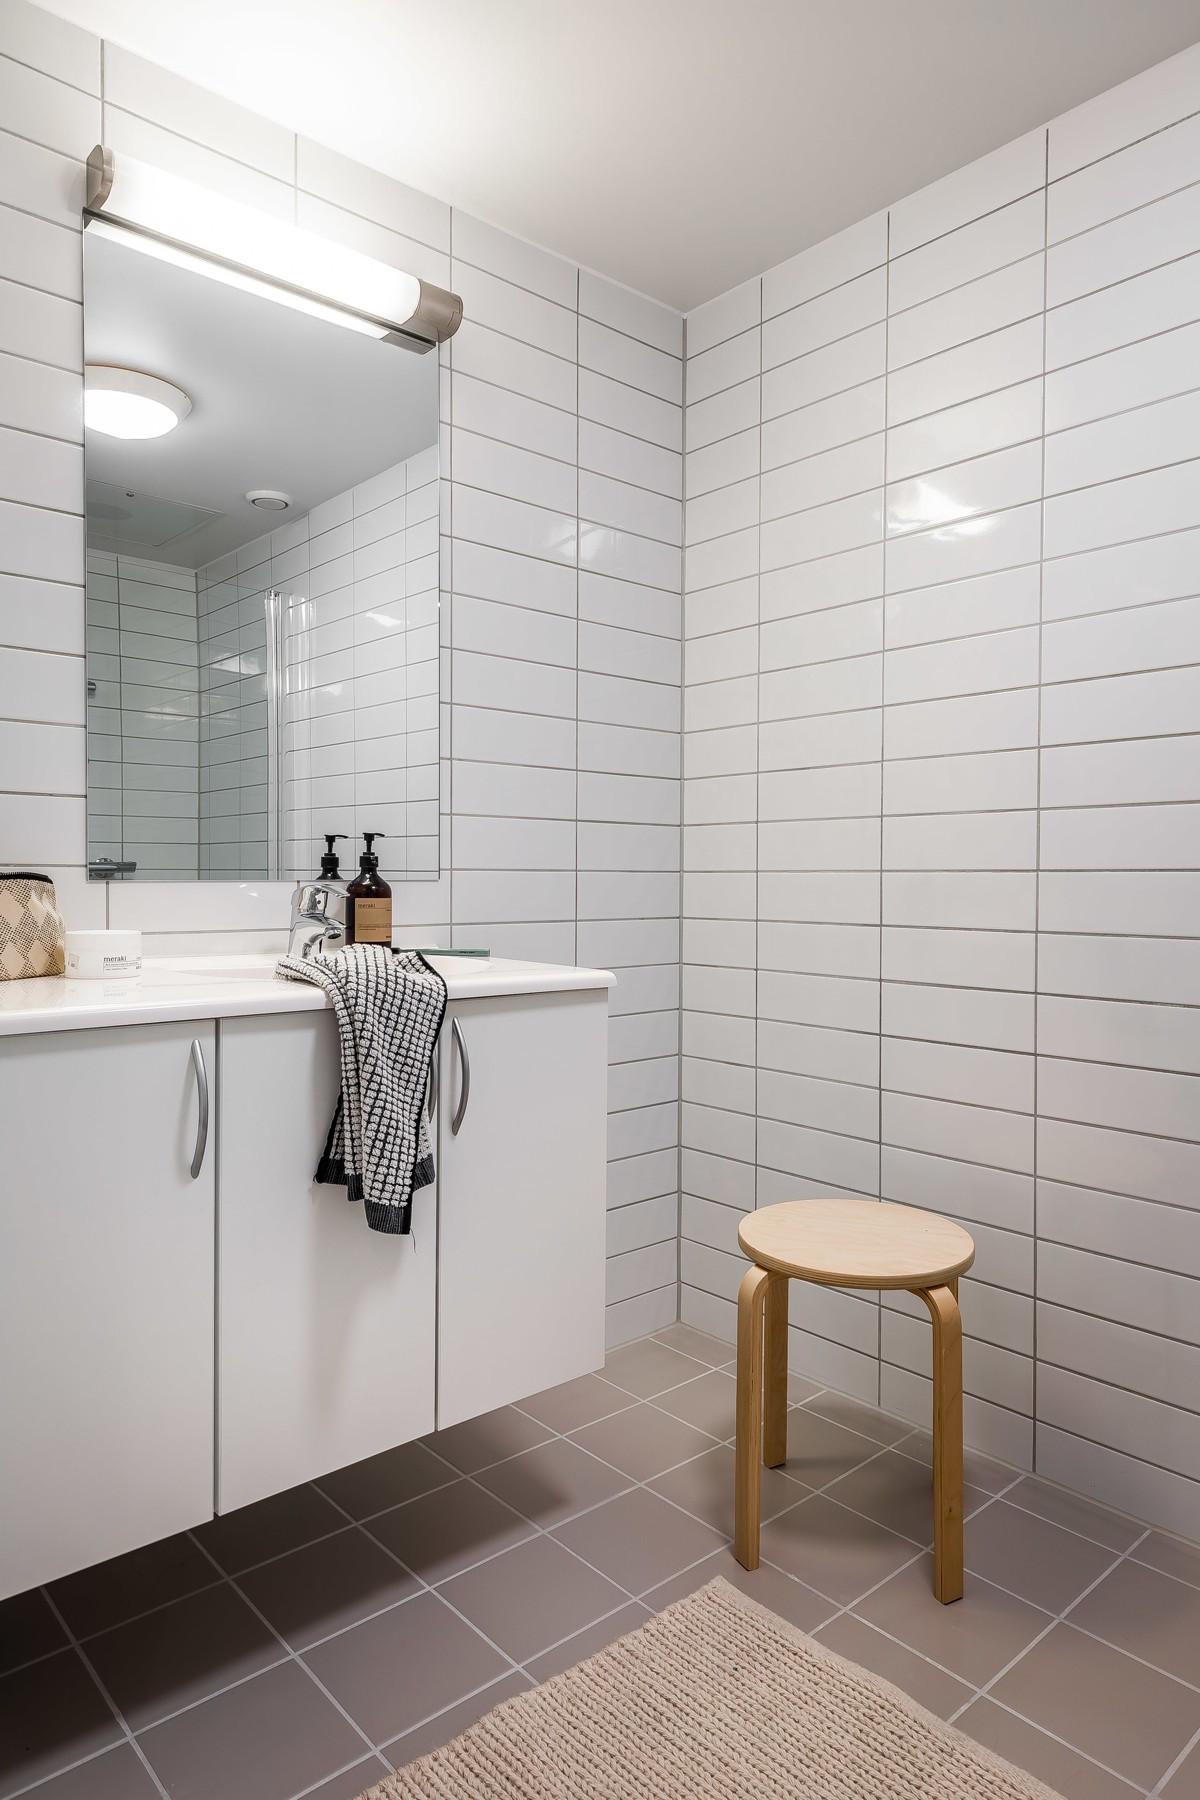 Komplett fliselagt baderom med moderne baderomsinnredning, samt speil og belysning